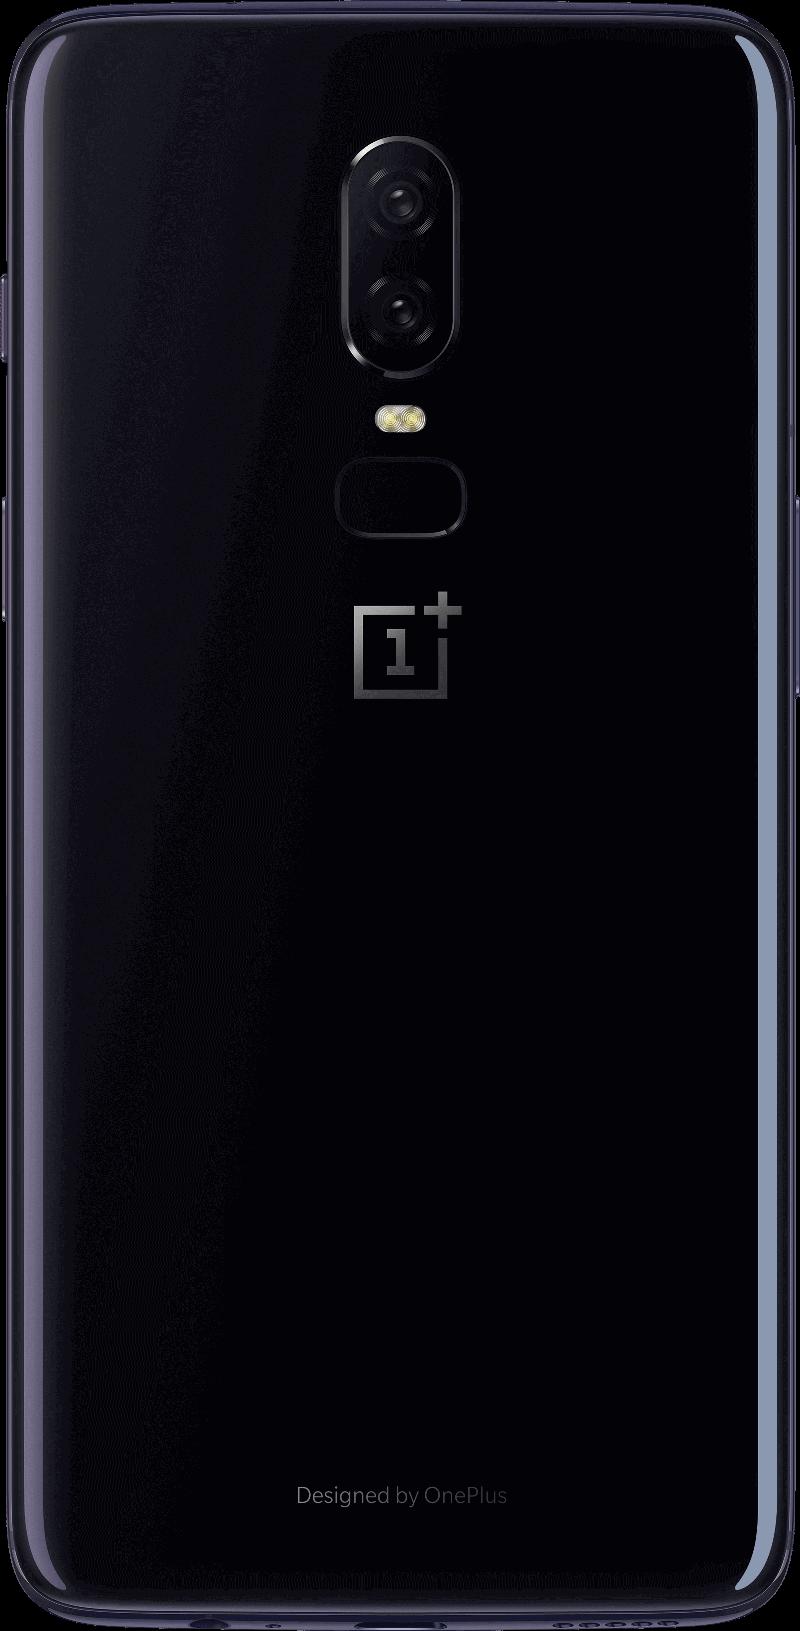 OnePlus 6 - Capturez des images en un clin d'œil